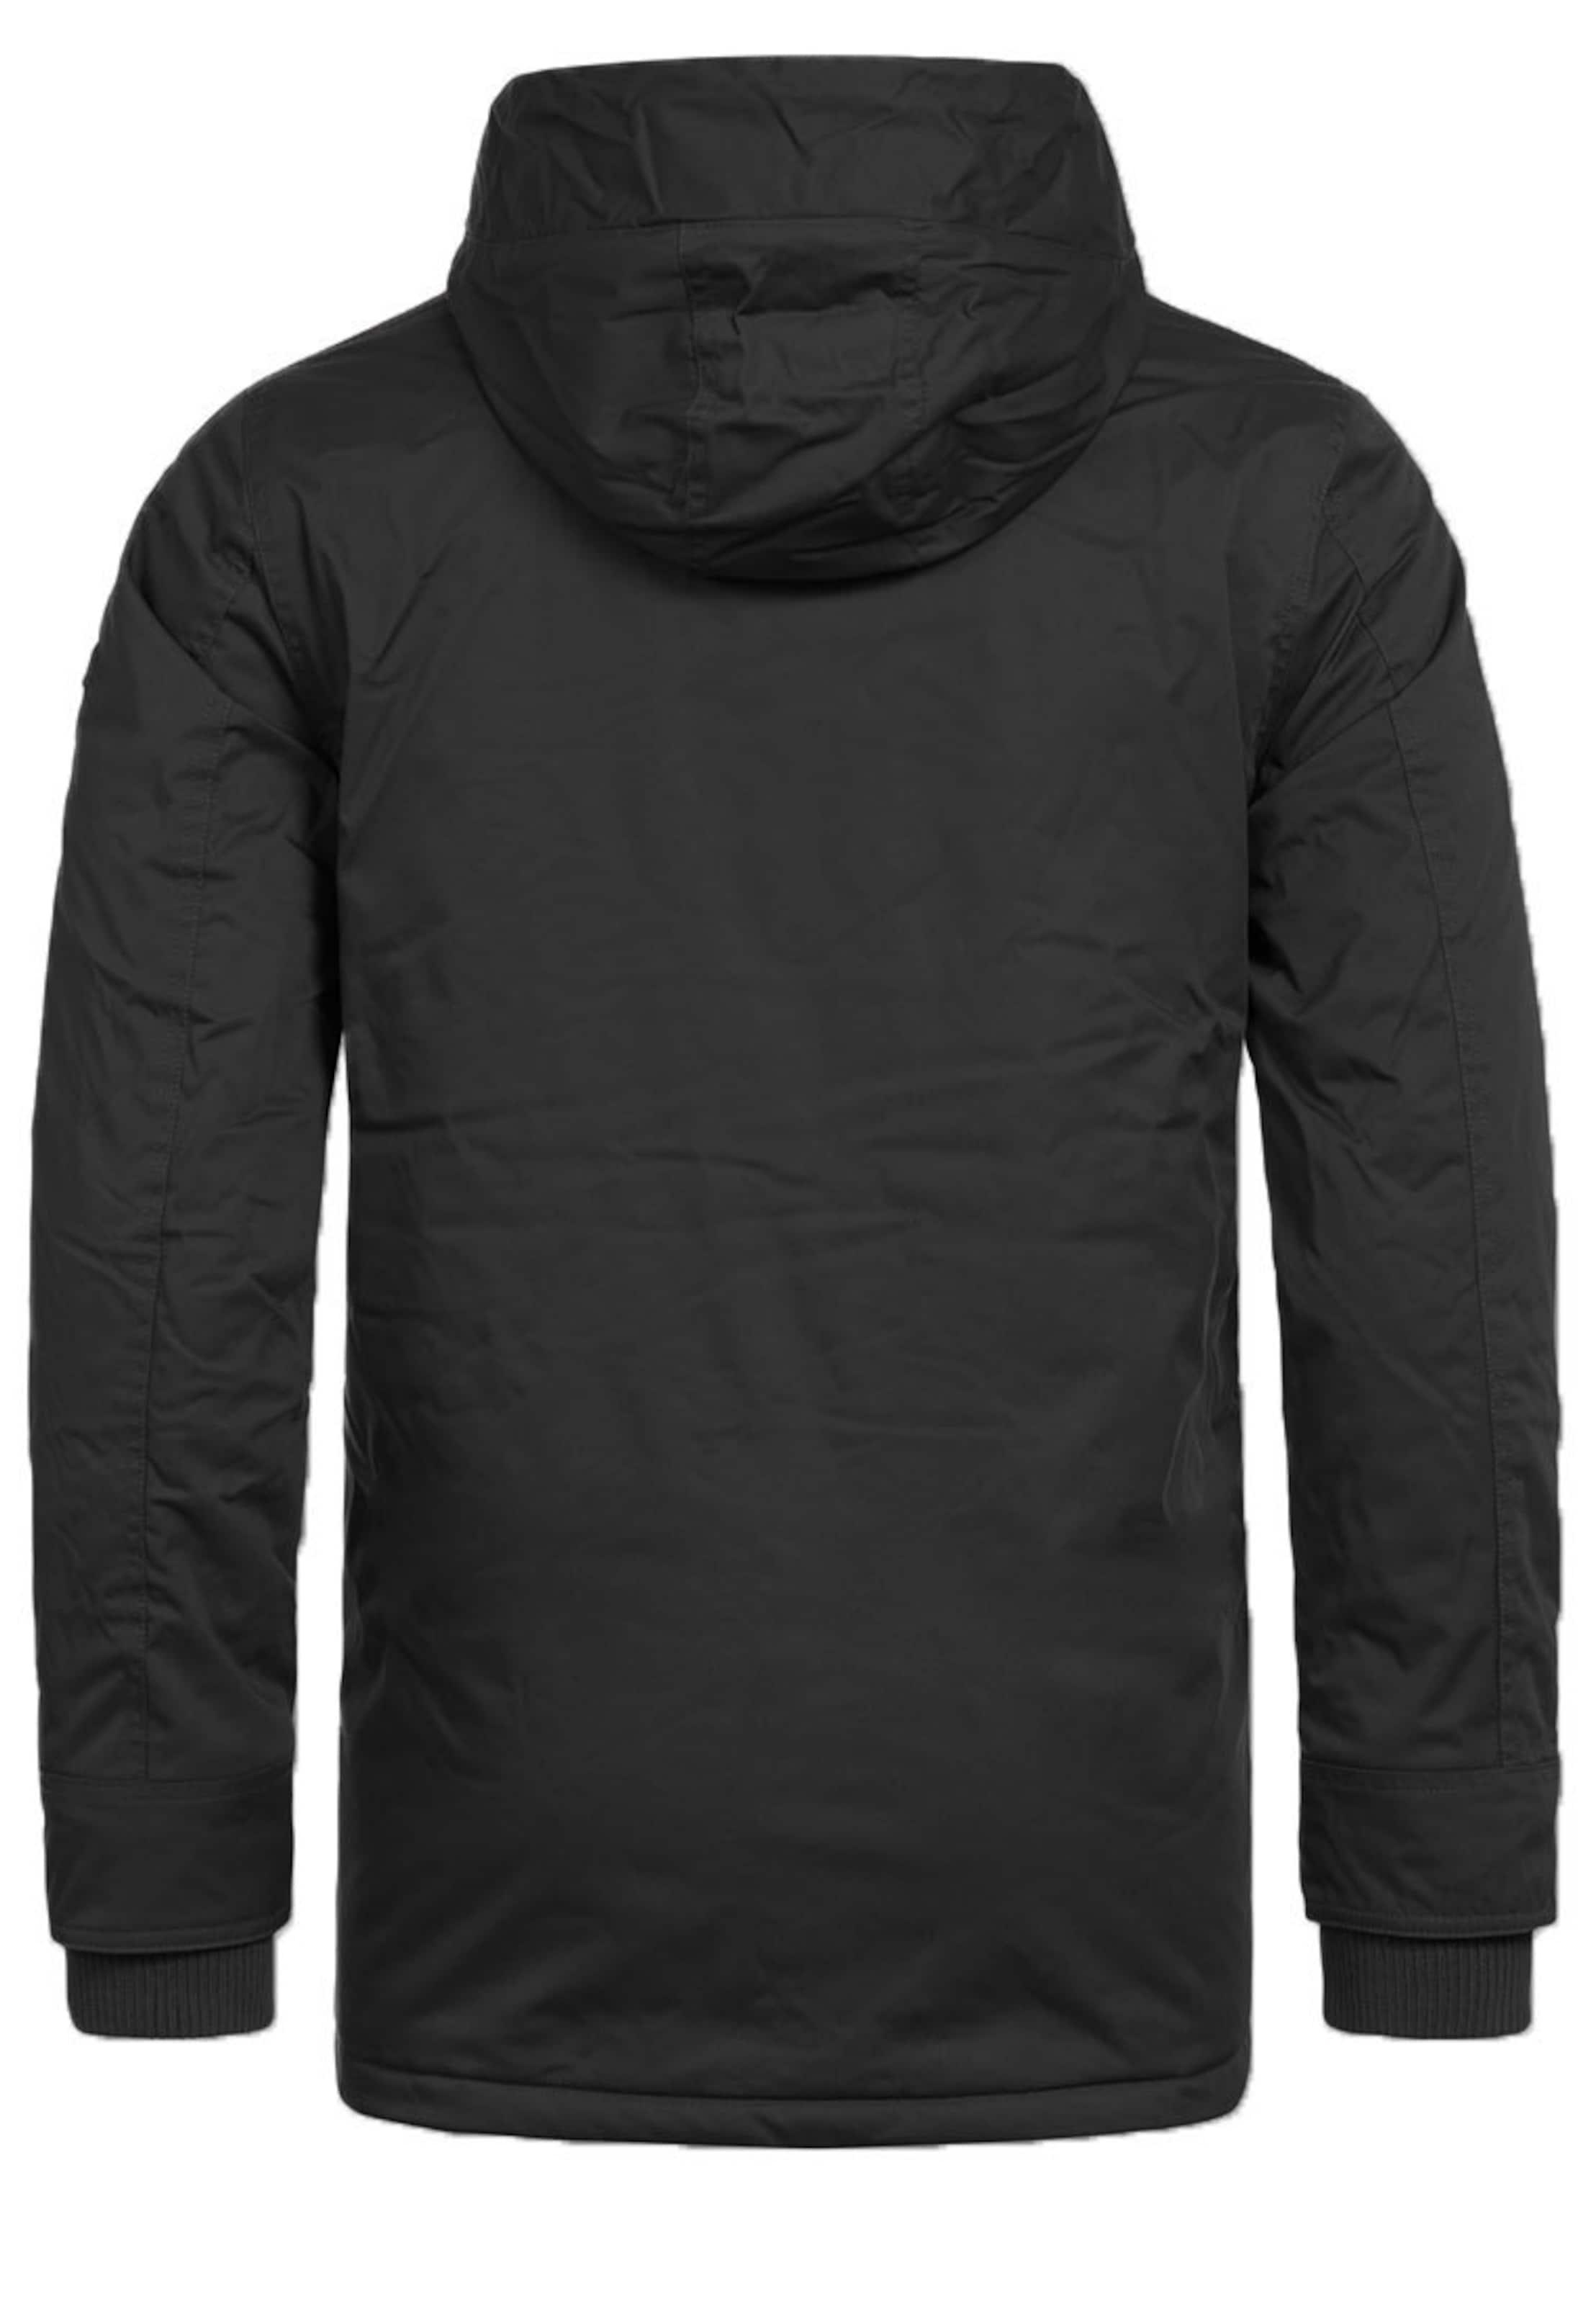 D'hiver Noir En Indicode Parka Jeans ' Chance 0wPk8nXO